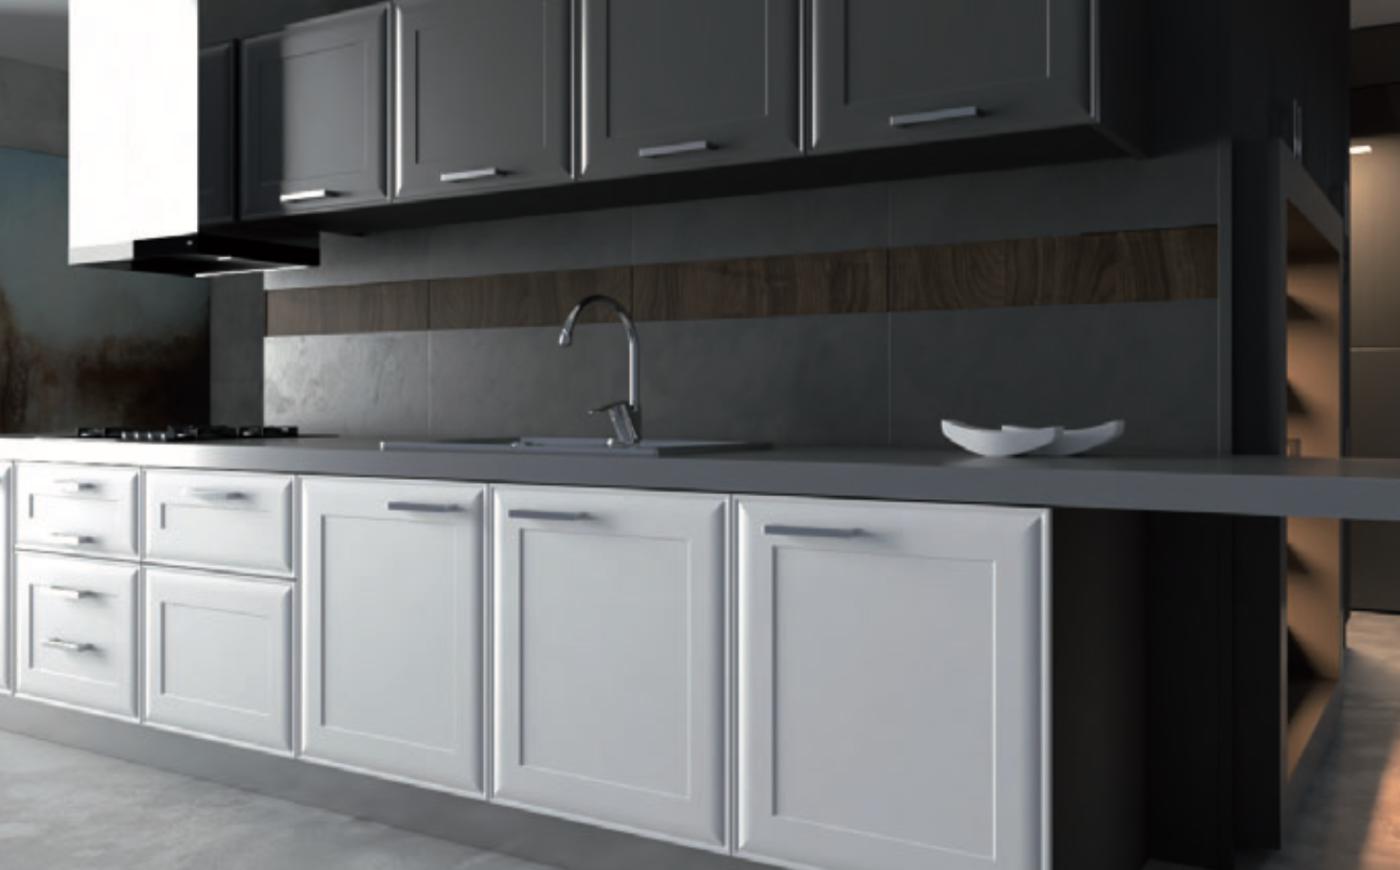 design faktum w50 k ksluckor till ikea faktum. Black Bedroom Furniture Sets. Home Design Ideas